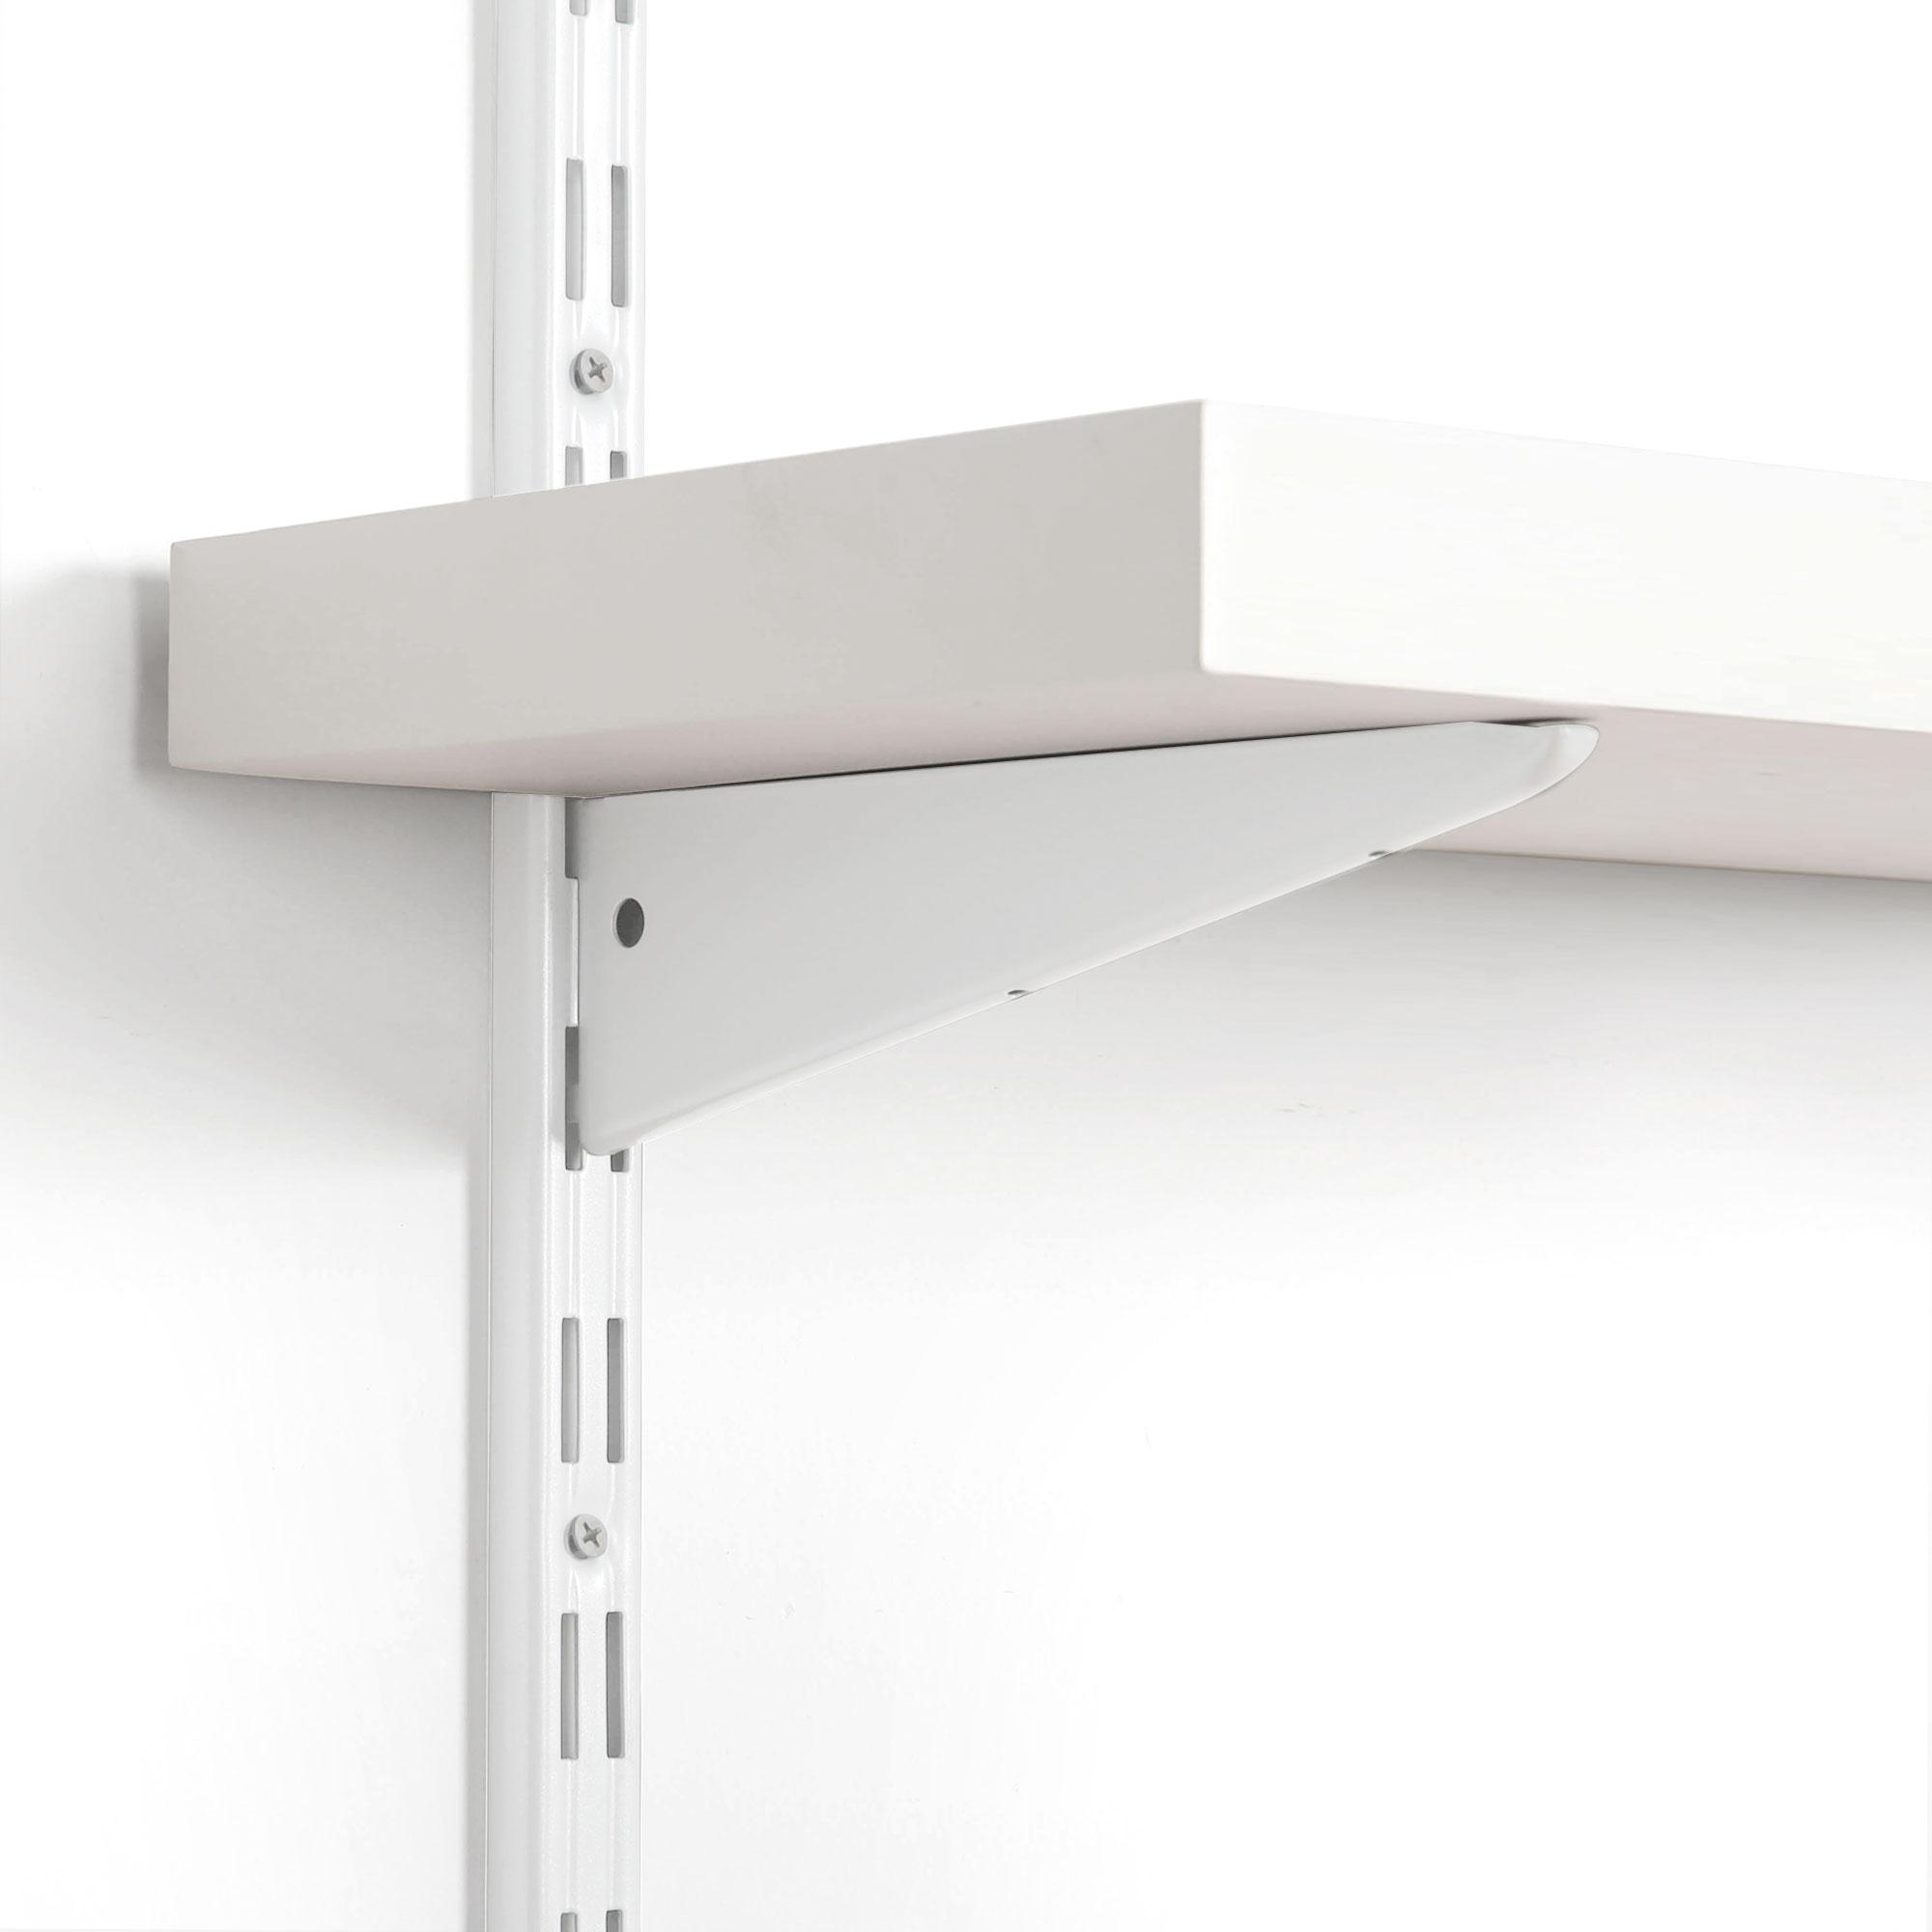 details sur support d etagere murale console double pour cremaillere 2 rangees rail mural